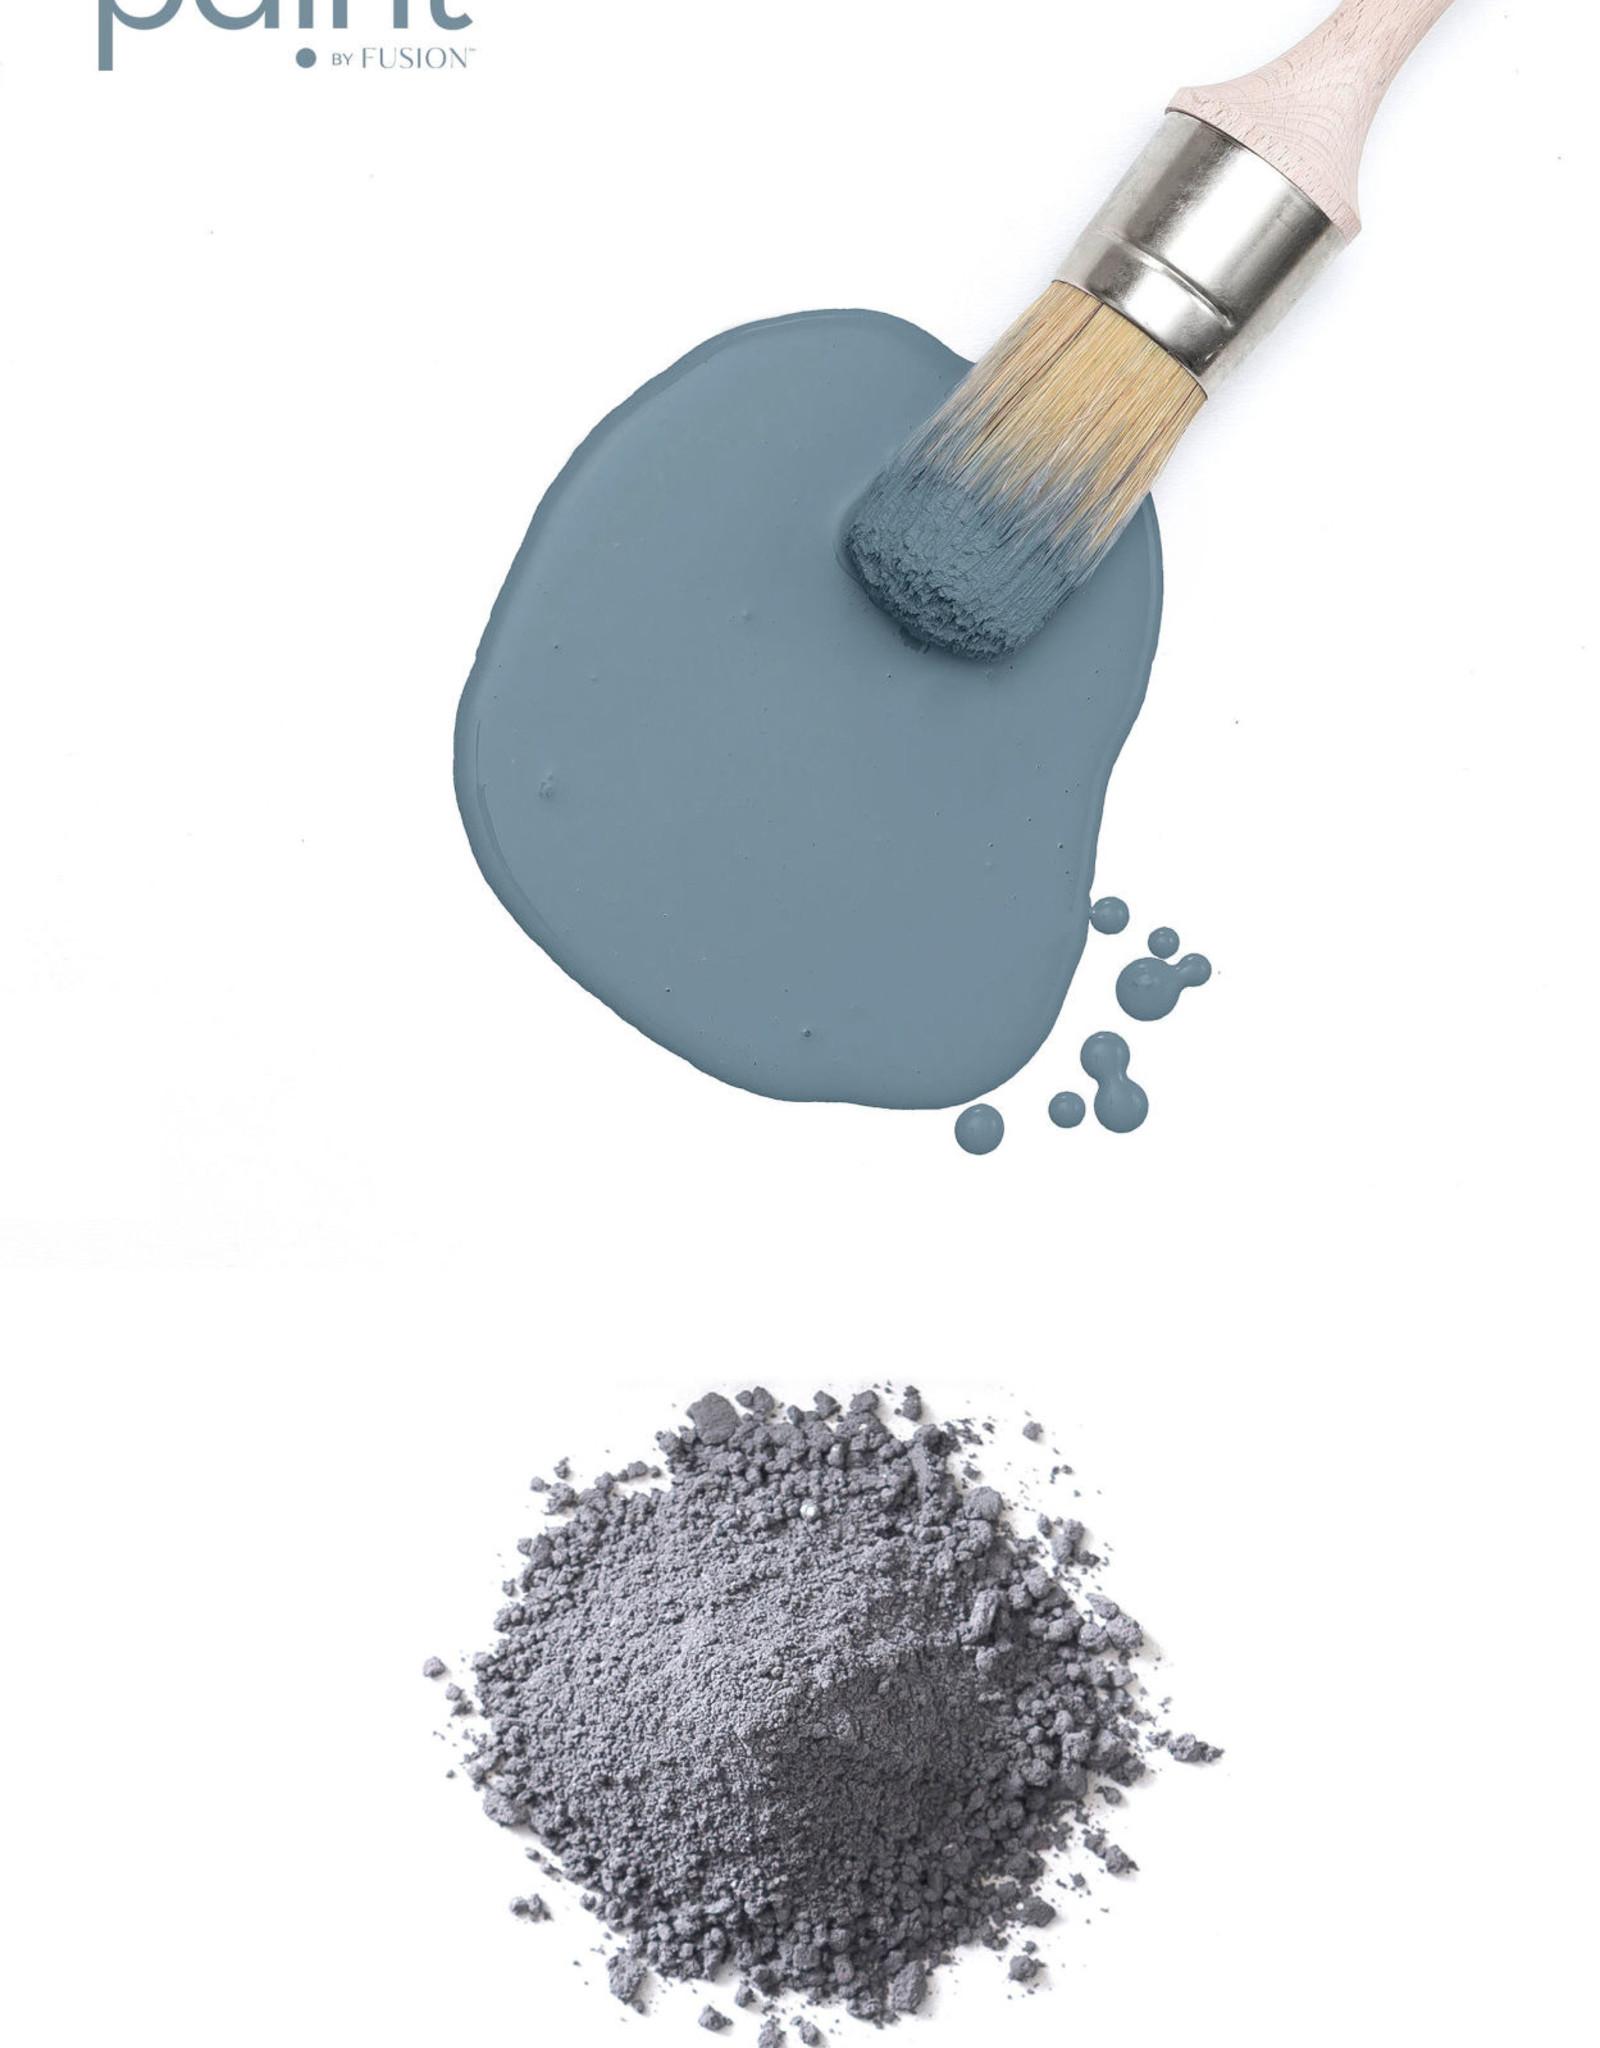 Fusion Mineral Paint Milk Paint 50g Coastal Blue